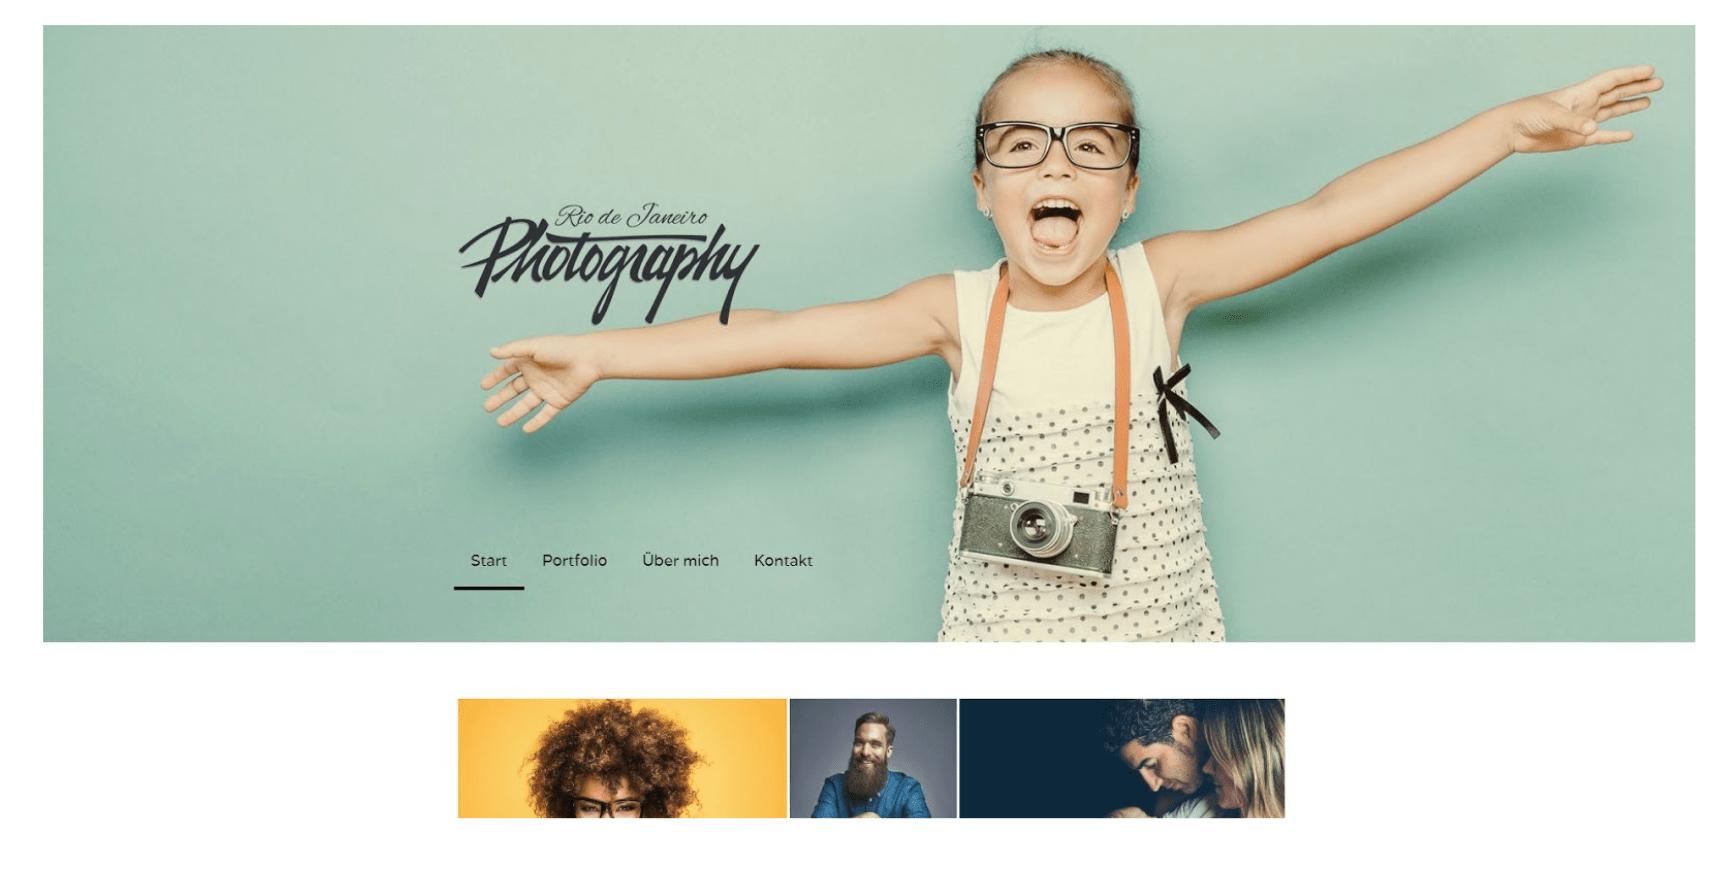 Fotografie Website erstellen - Beispiel 1